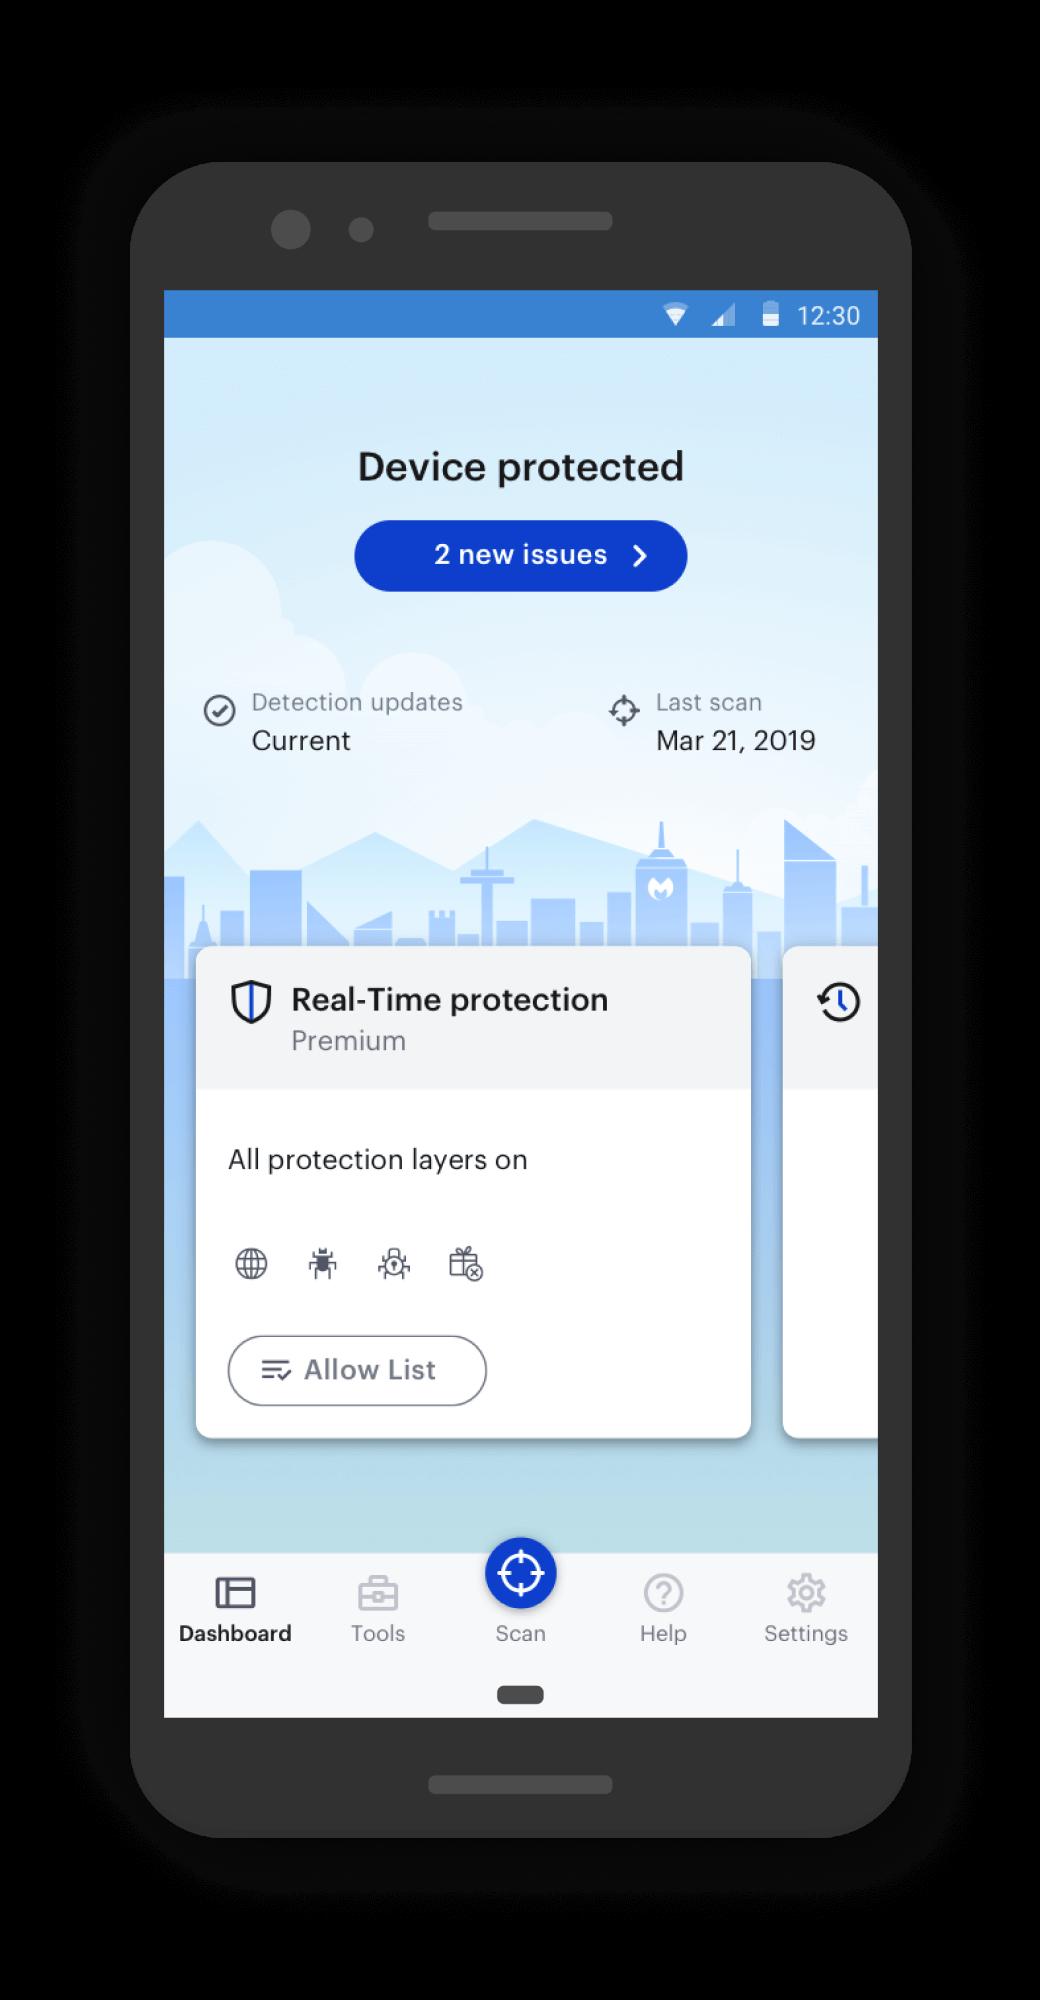 Malwarebytes for Android dashboard